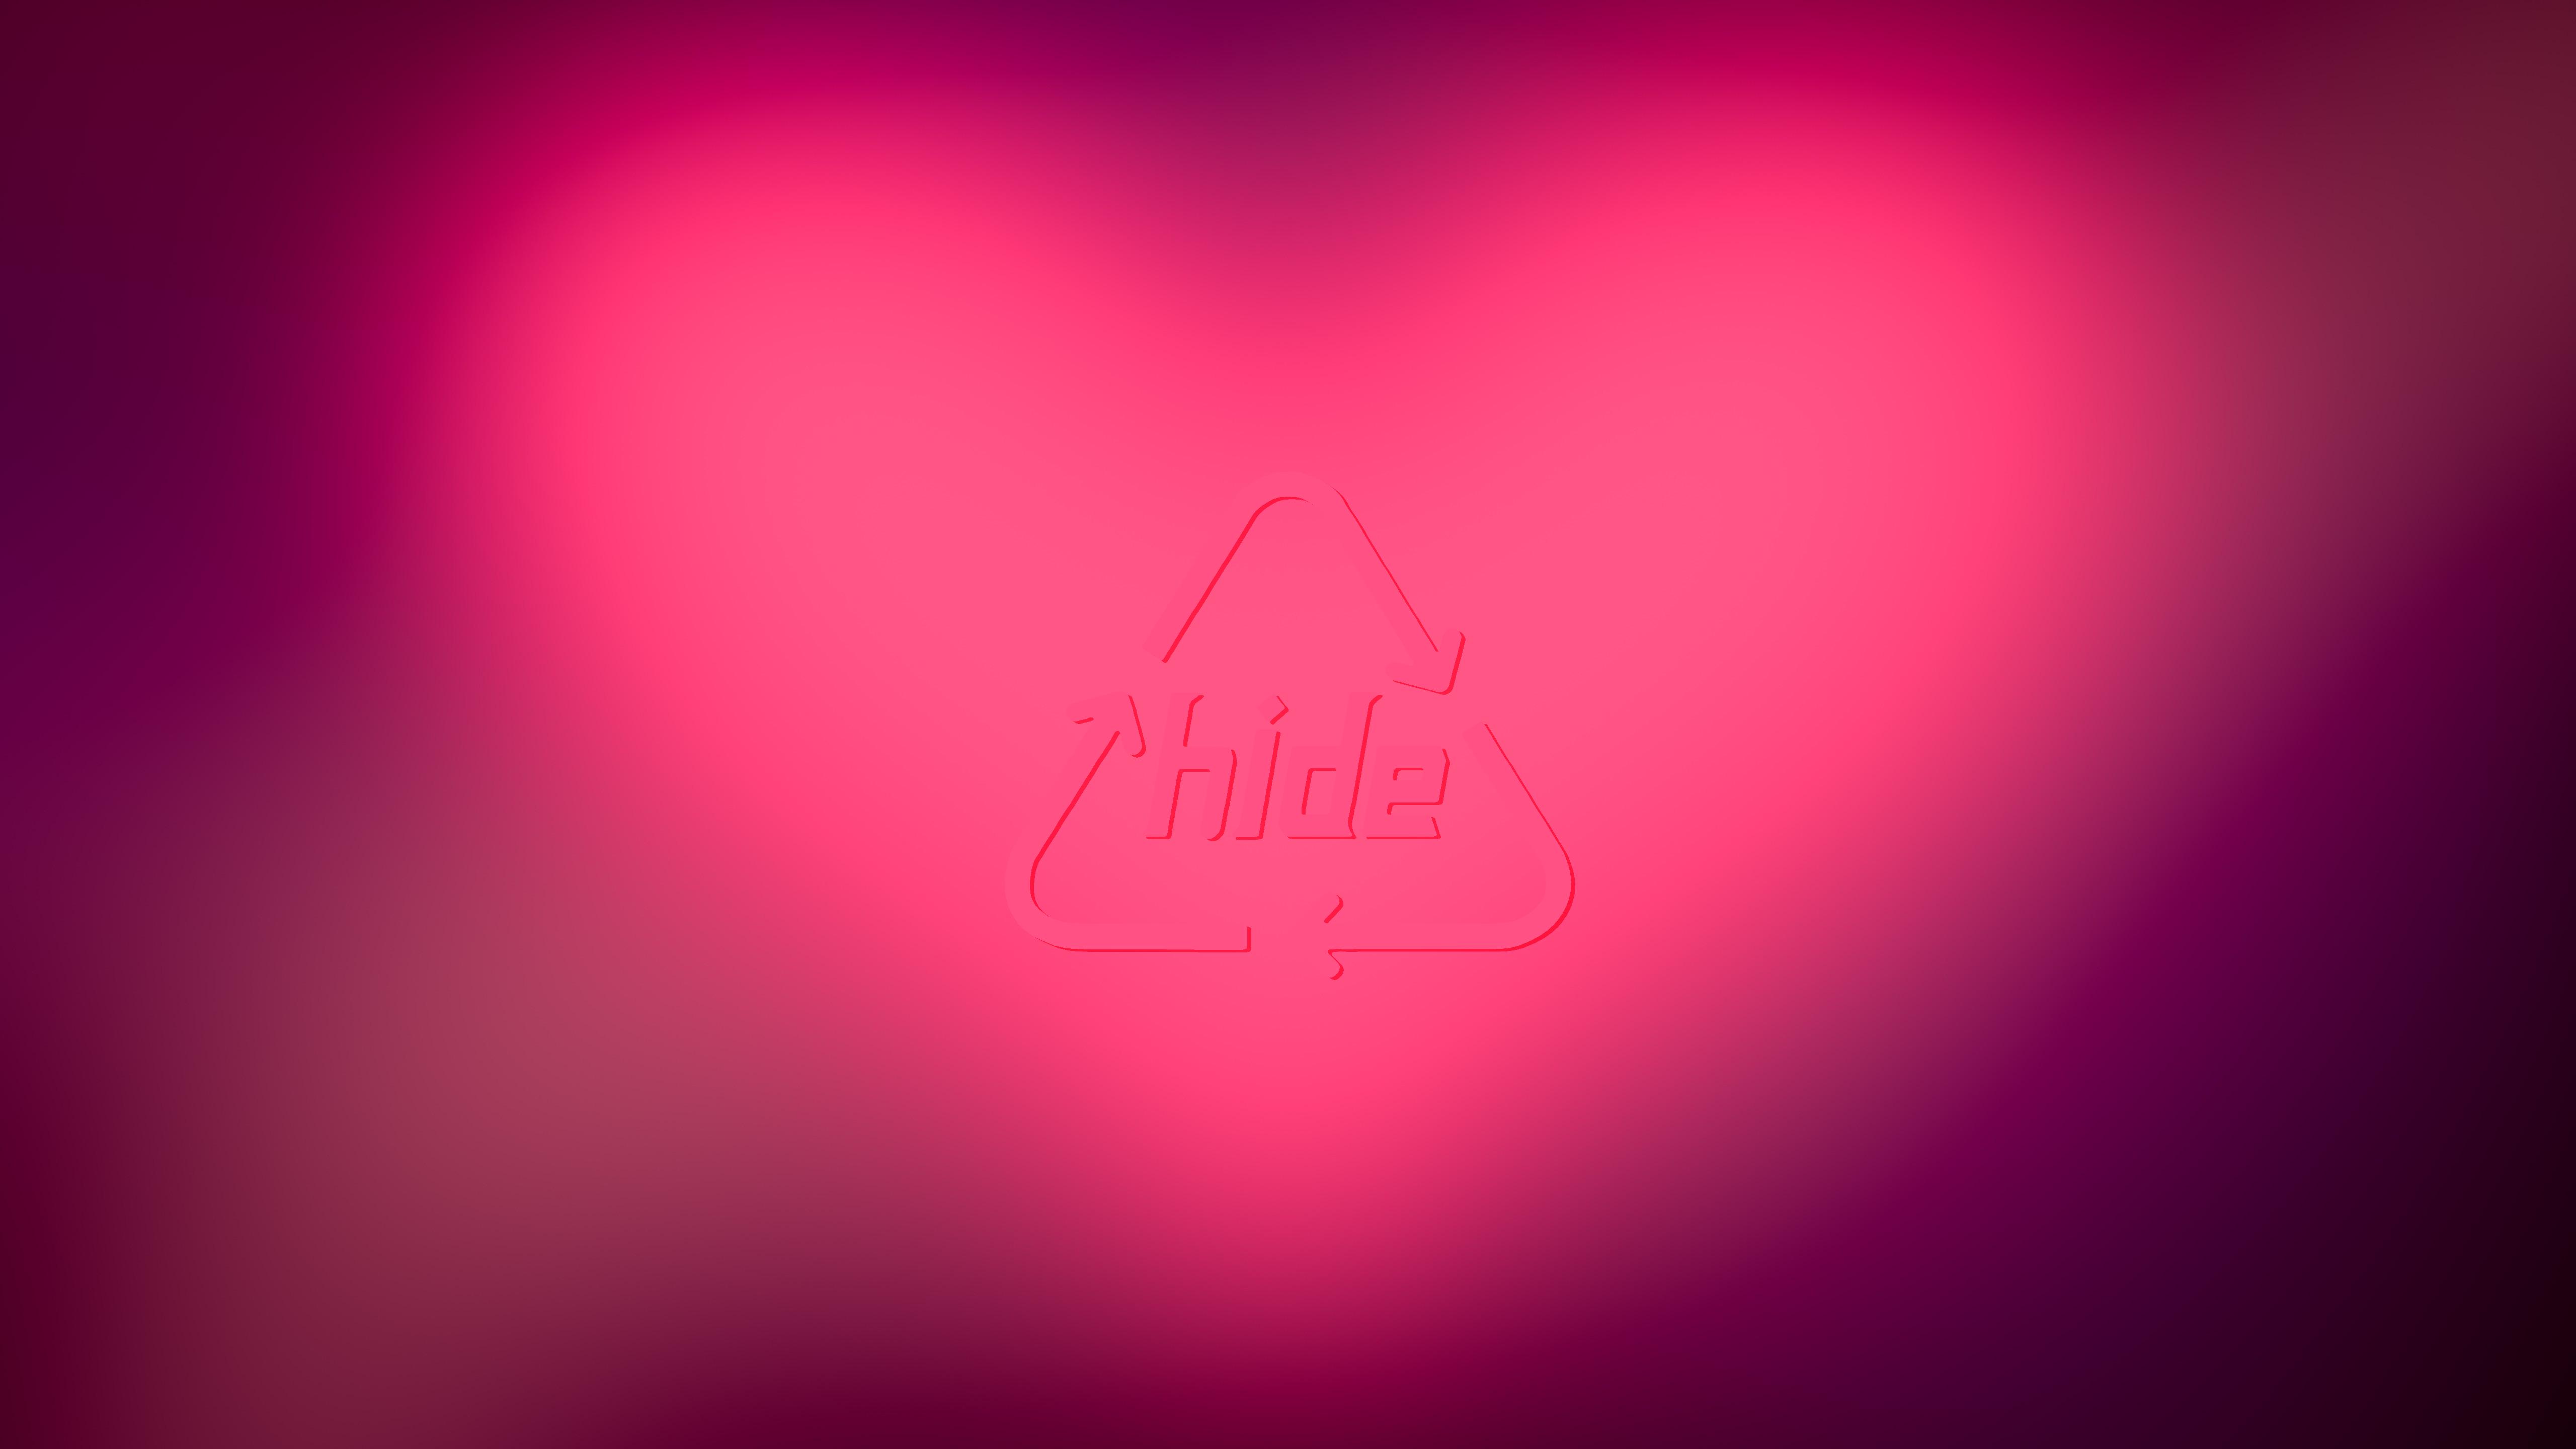 デスクトップ壁紙 ハート 赤 テキスト ロゴ サークル ピンク